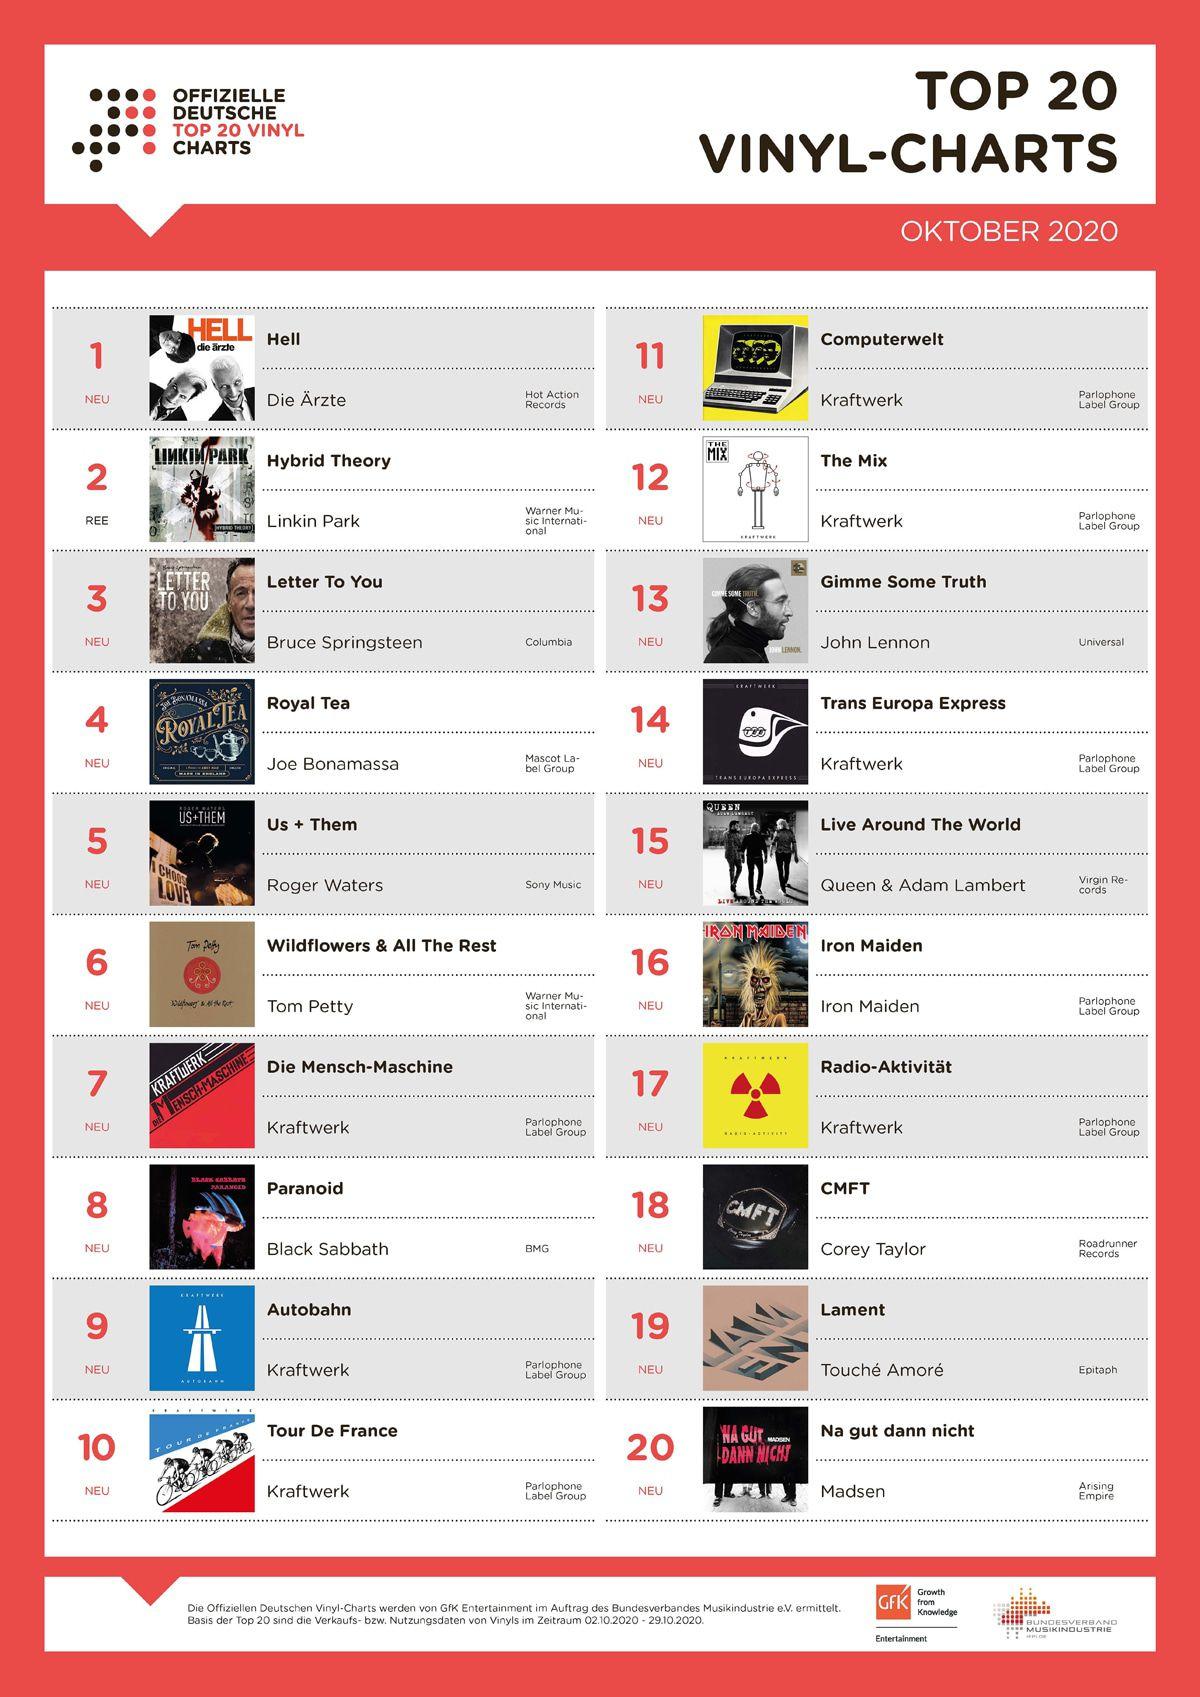 Kraftwerk: Sieben Alben fluten plötzlich die Vinyl-Charts!